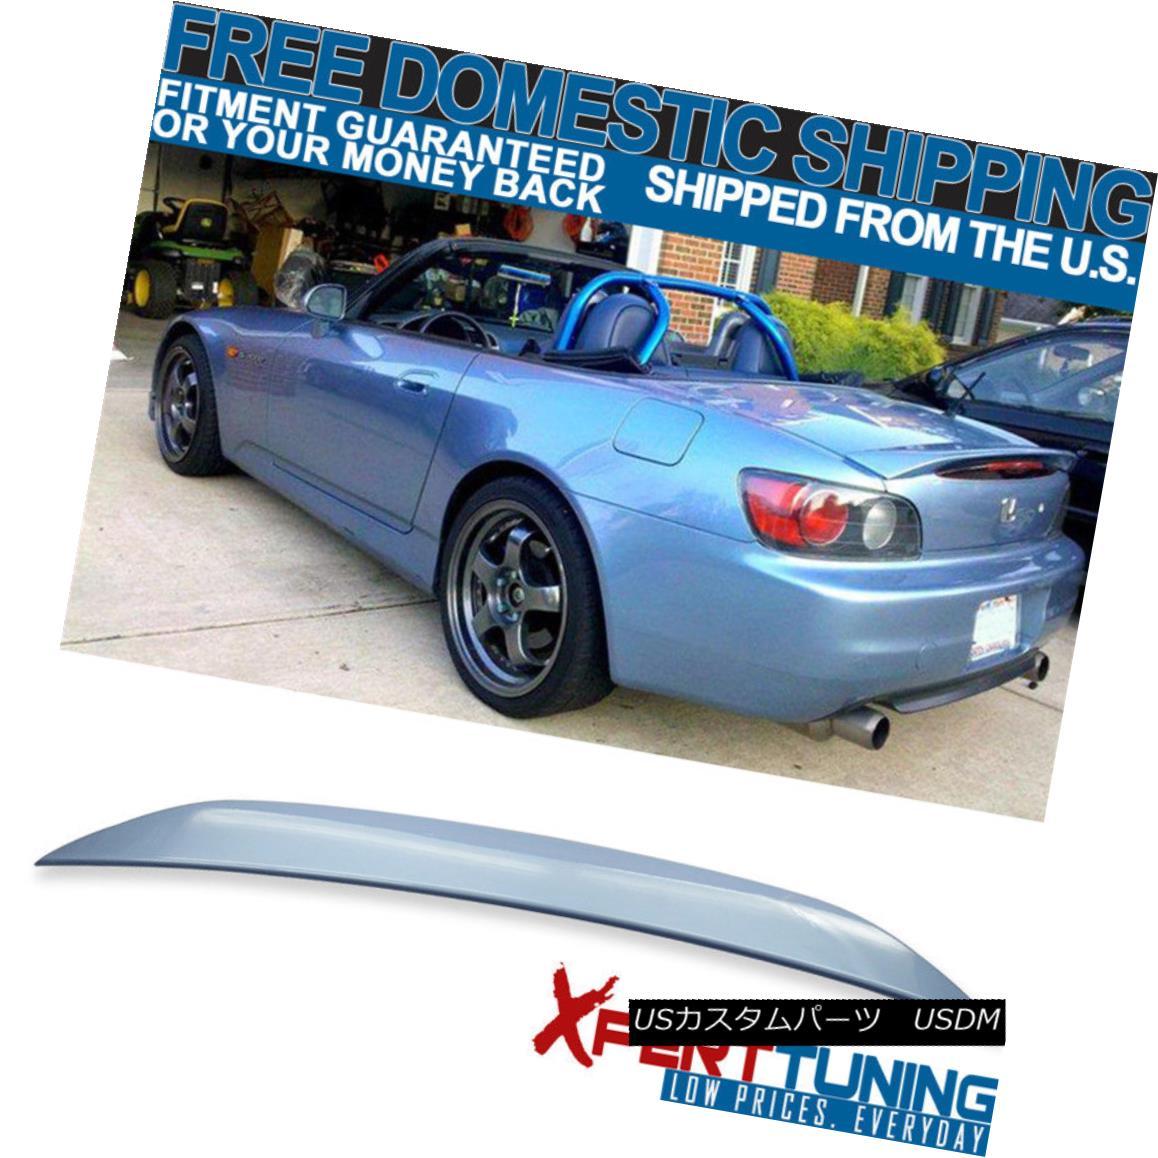 エアロパーツ 00-09 S2000 AP1 AP2 Painted #B513M Suzuka Blue Metallic Trunk Spoiler - ABS 00-09 S2000 AP1塗装#B513M鈴鹿ブルーメタリックトランクスポイラー - ABS